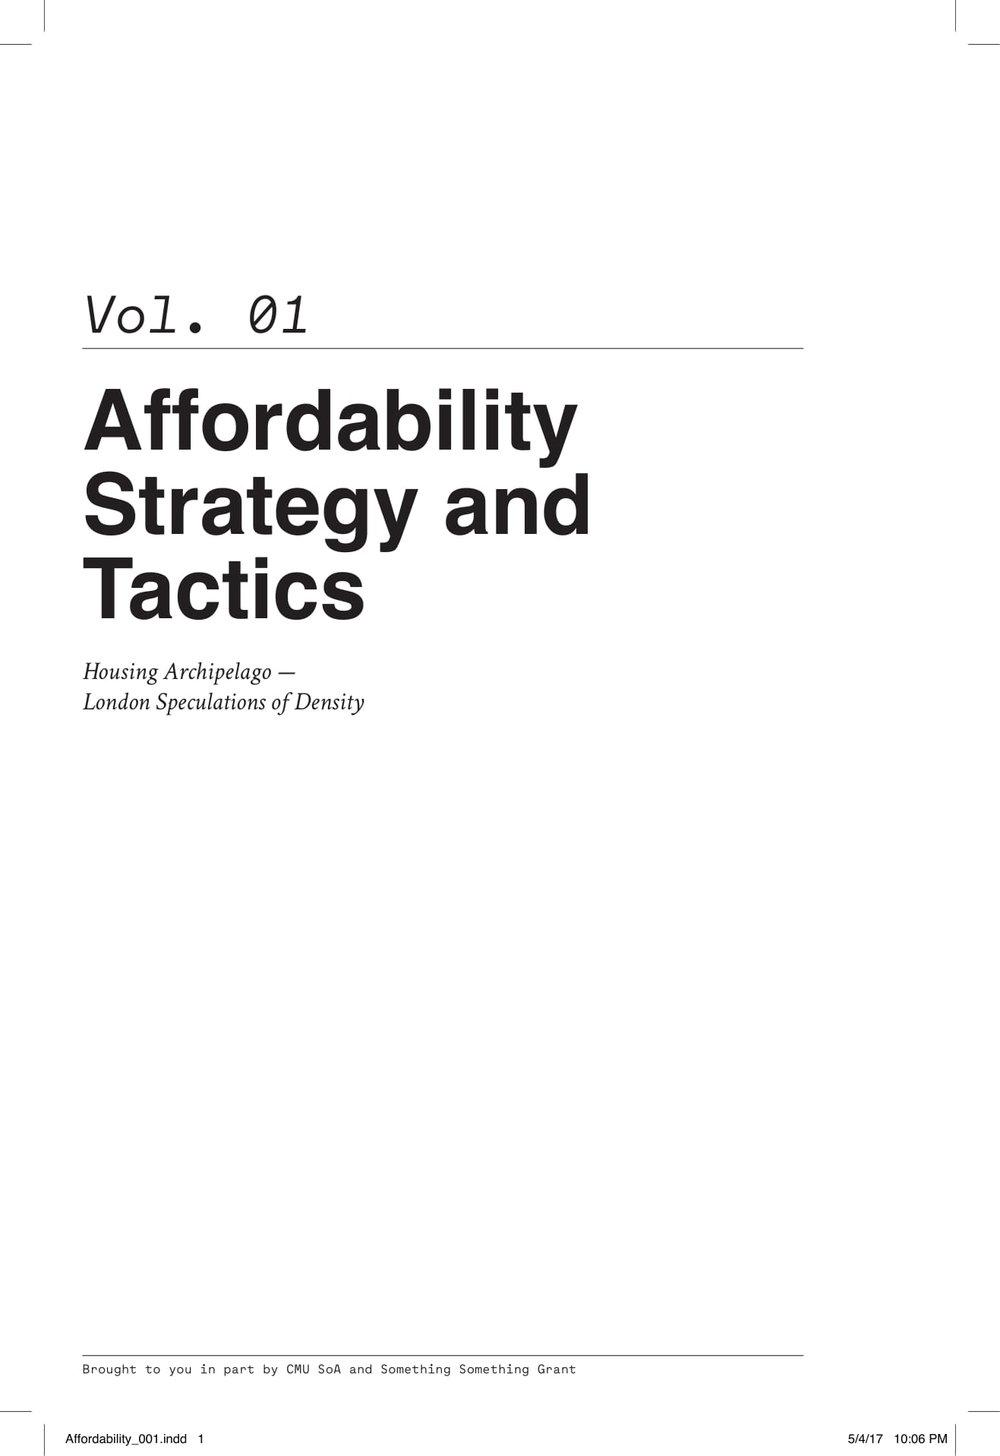 Affordability_F01 (1)-1.jpg